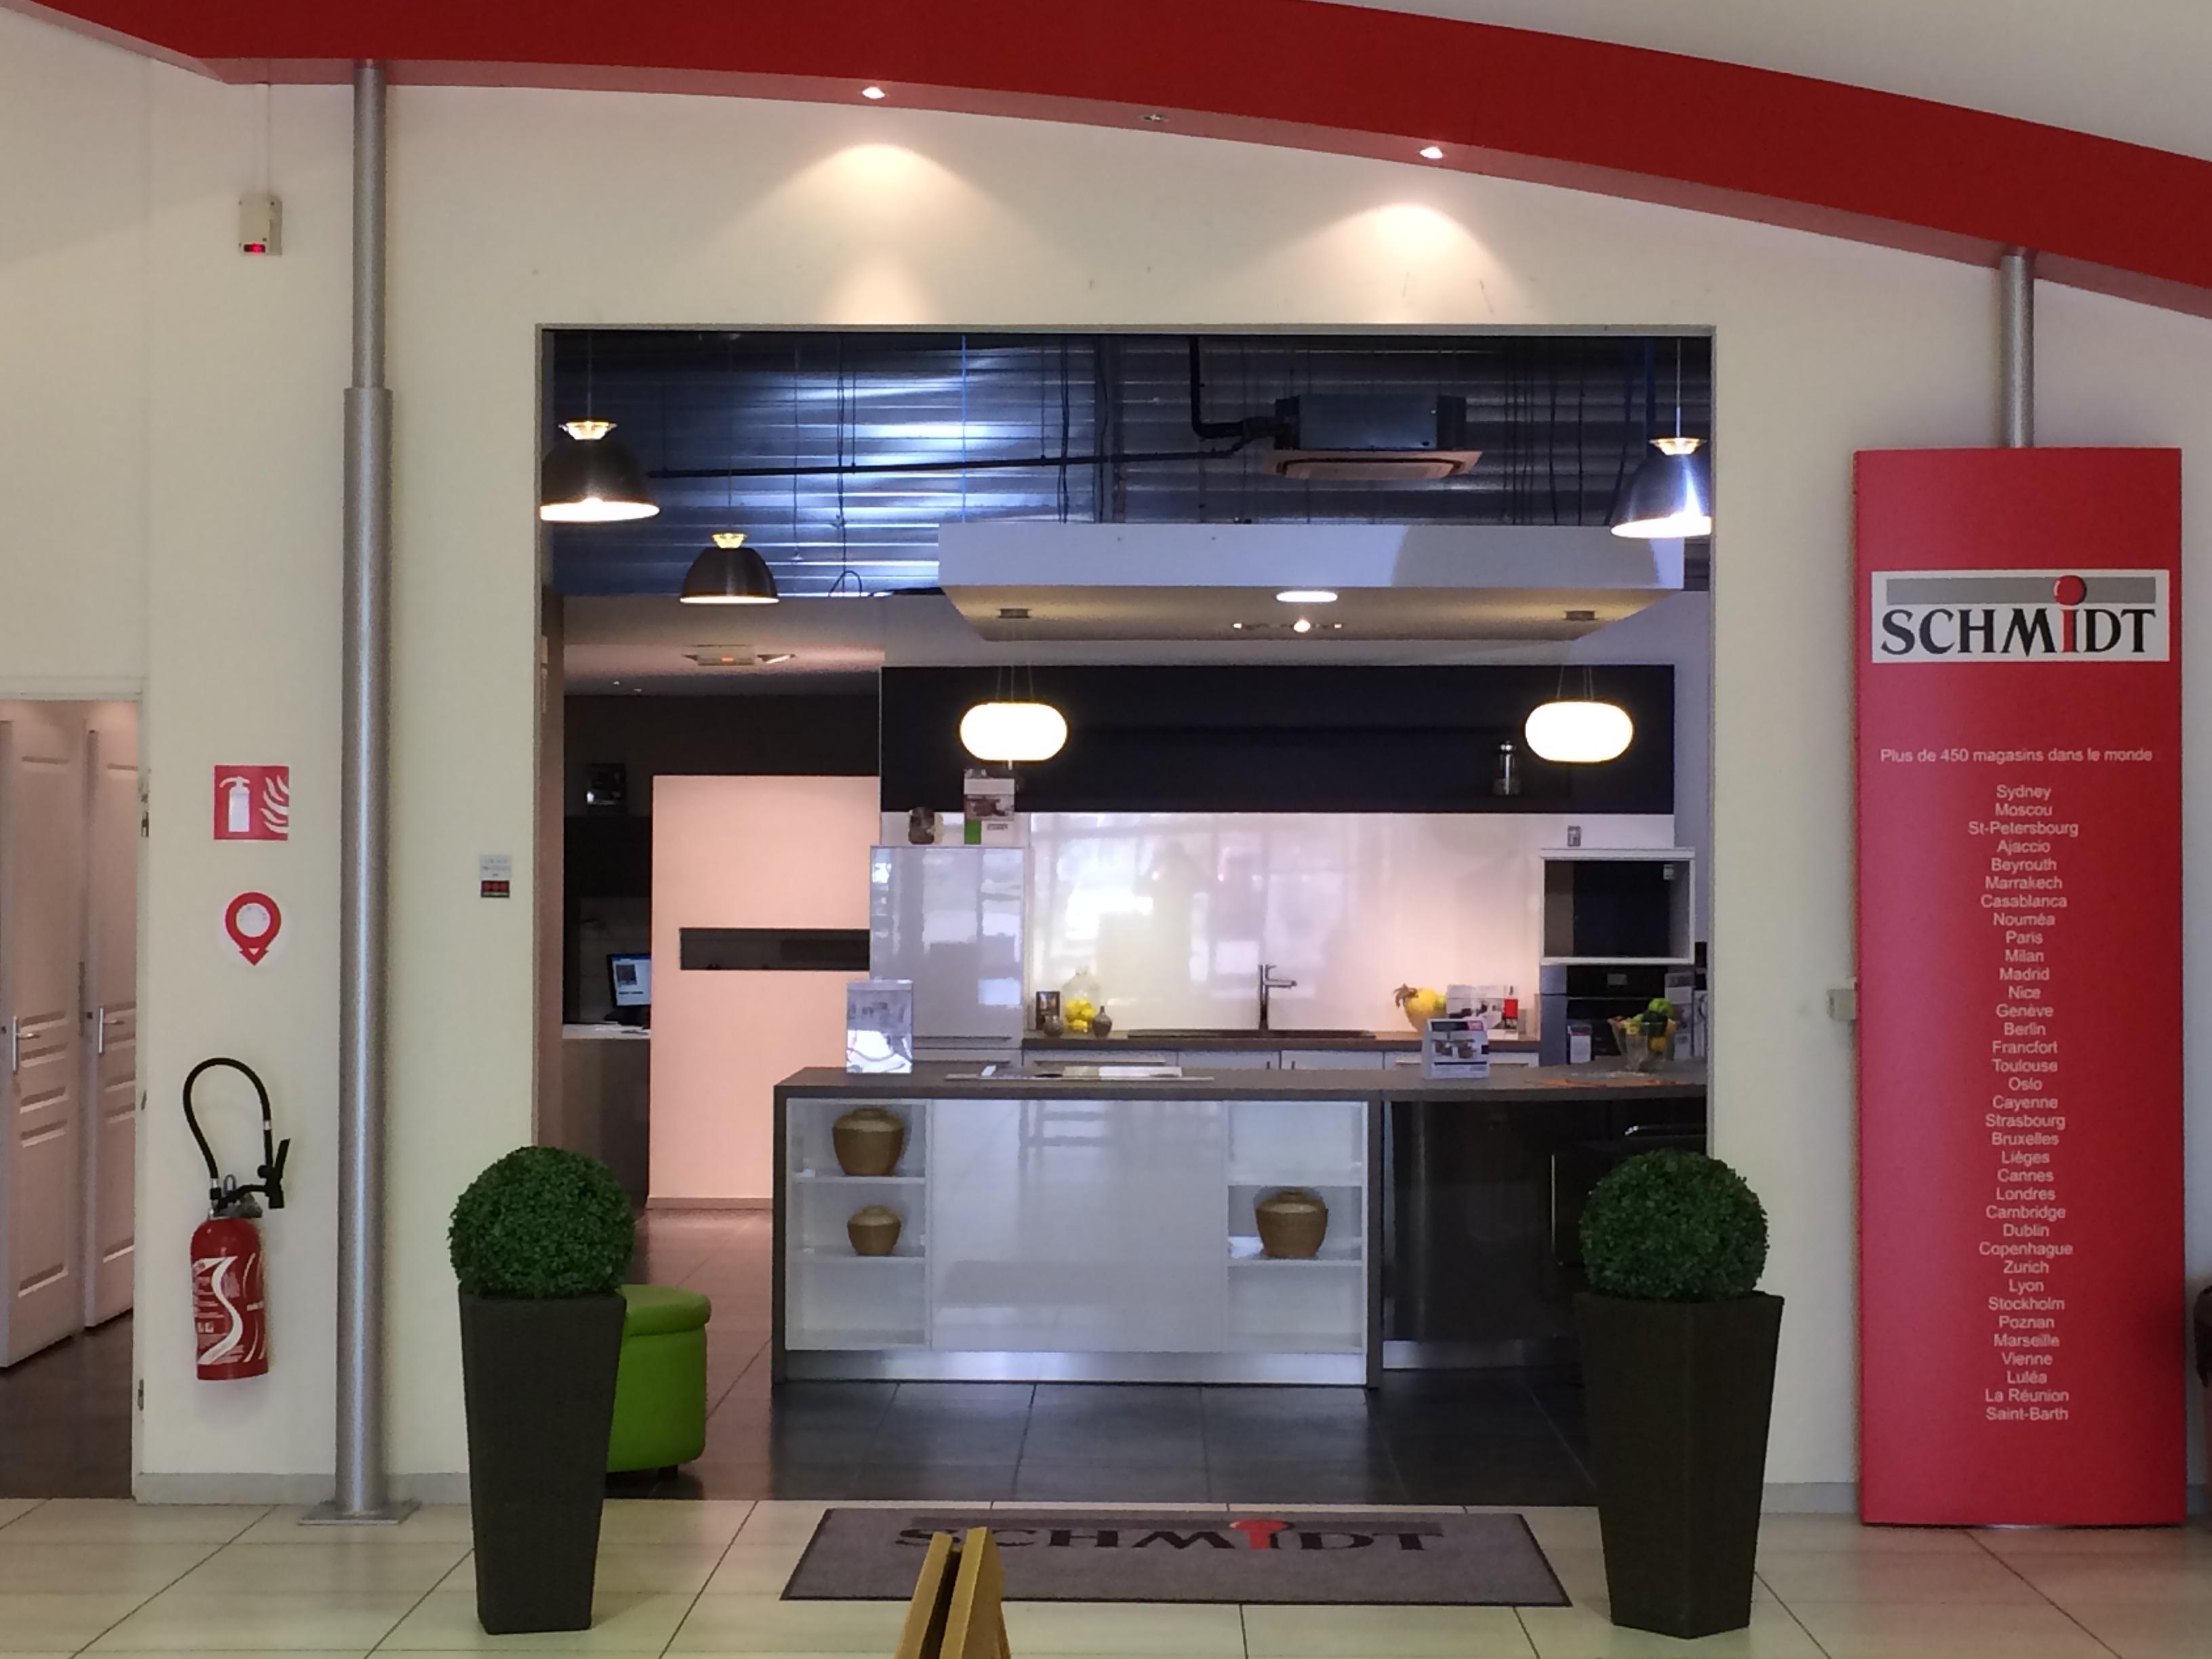 Magasin de cuisine rangement salle de bains moncel - Cuisines schmidt catalogue ...